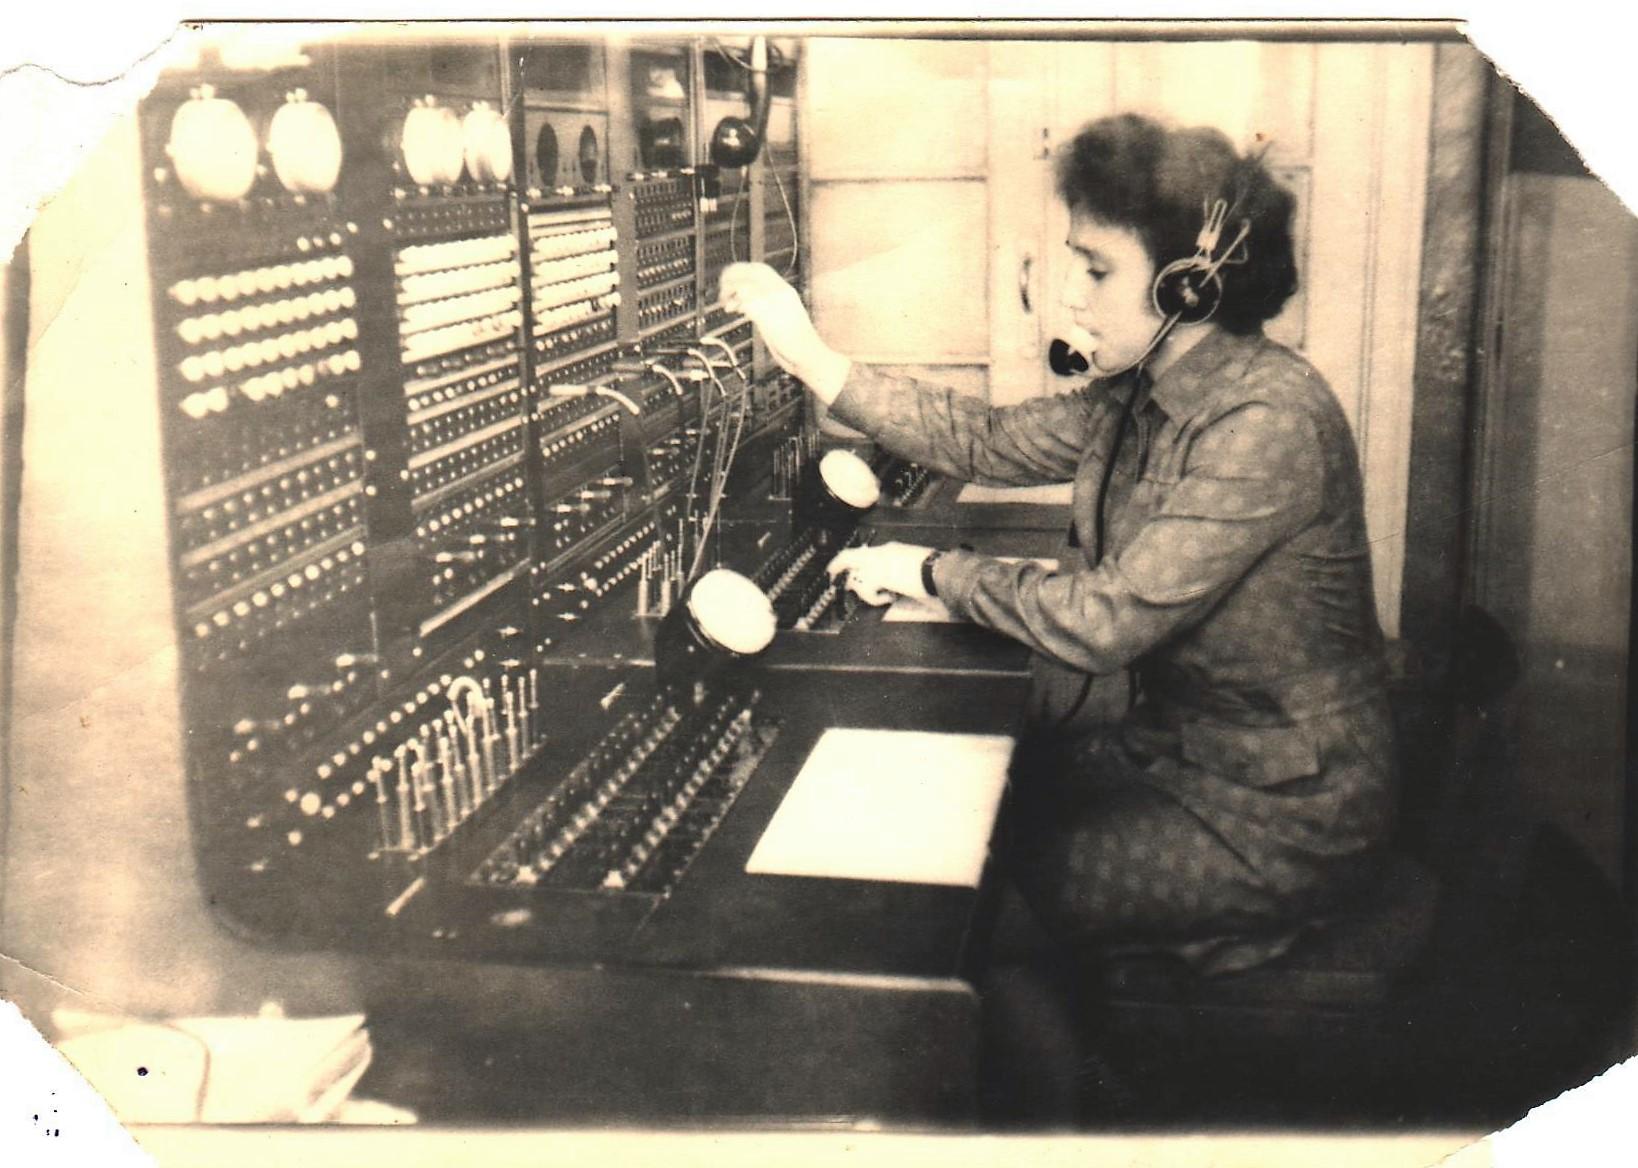 Фото 1976-го года, п.Коноша, коммутатор железнодорожной телефонной